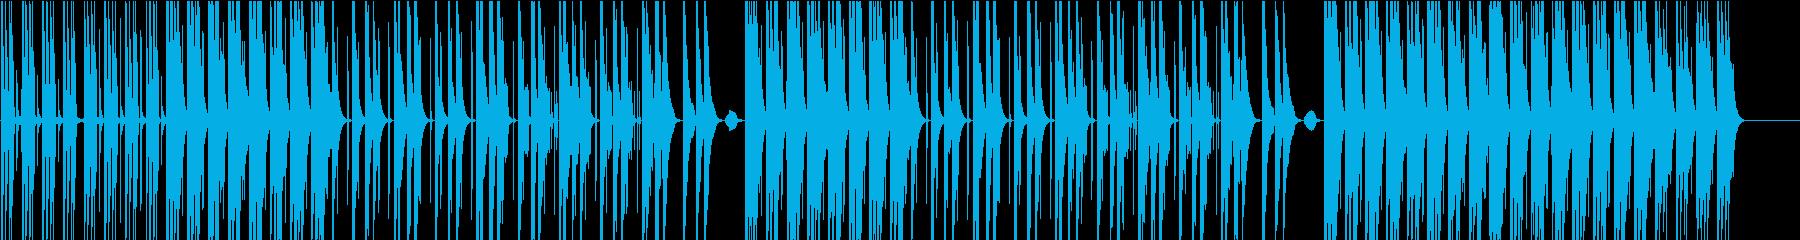 お洒落で綺麗なメロのHIPHOP、R&Bの再生済みの波形